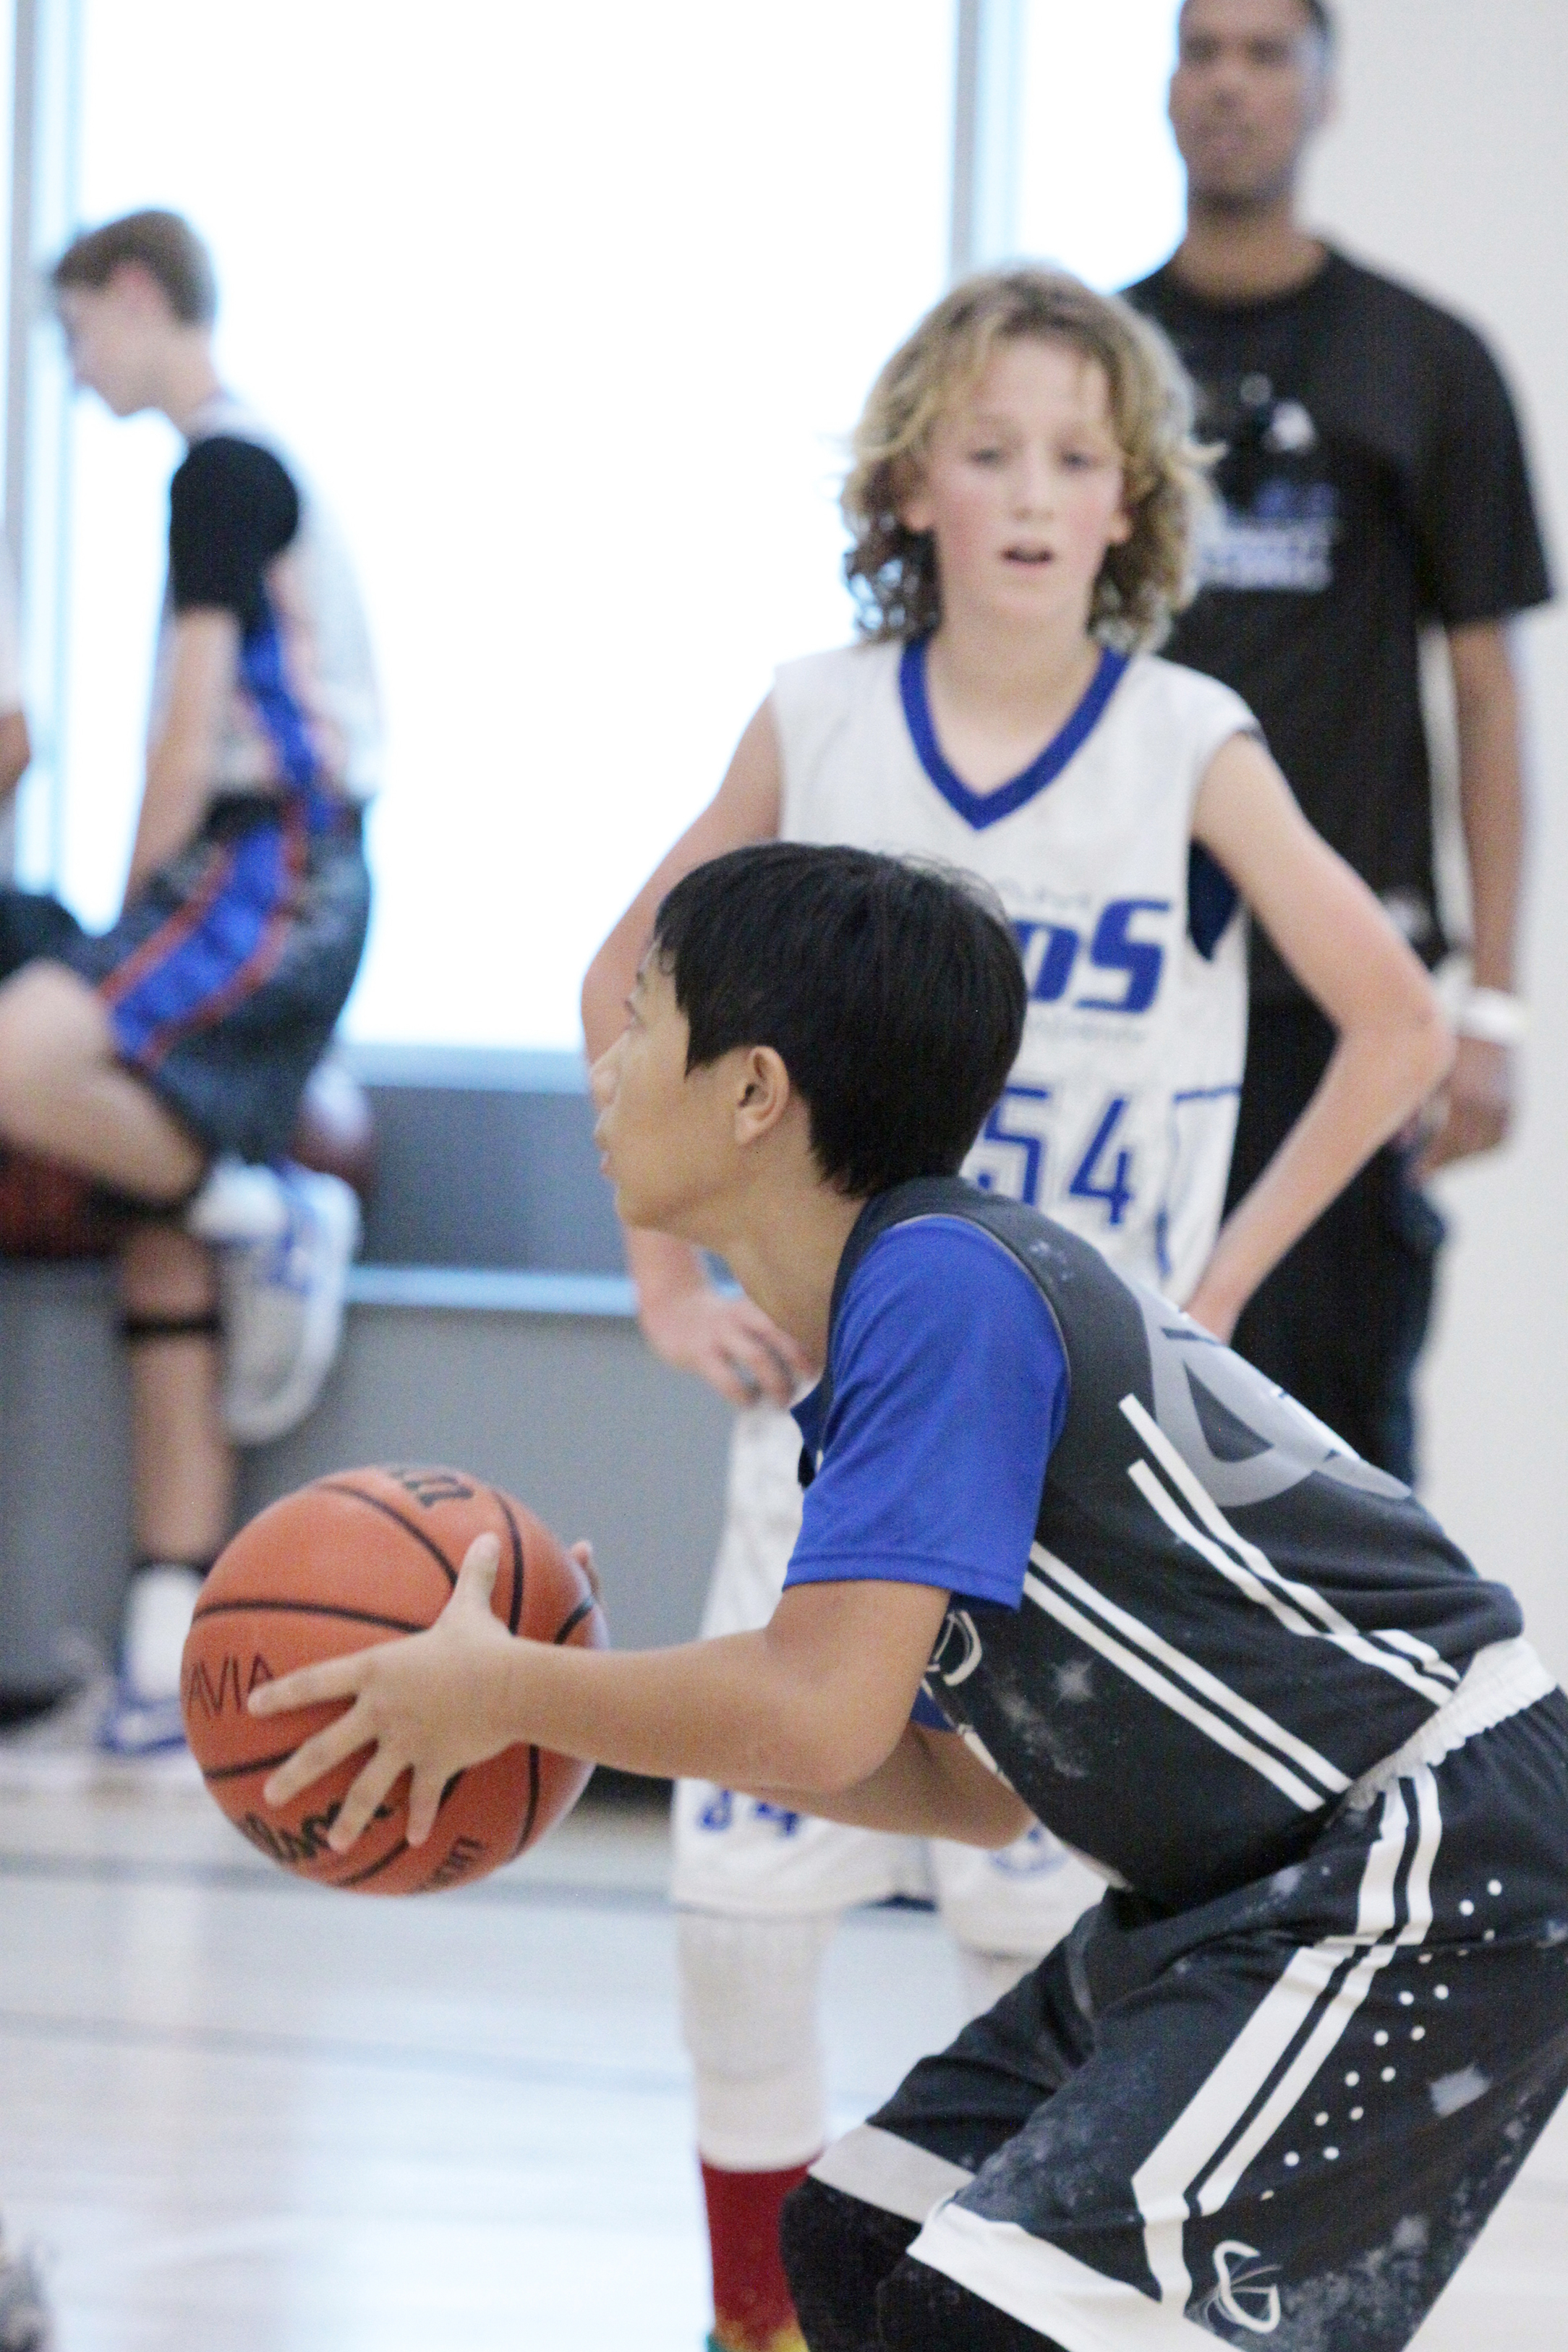 kid playing basketball